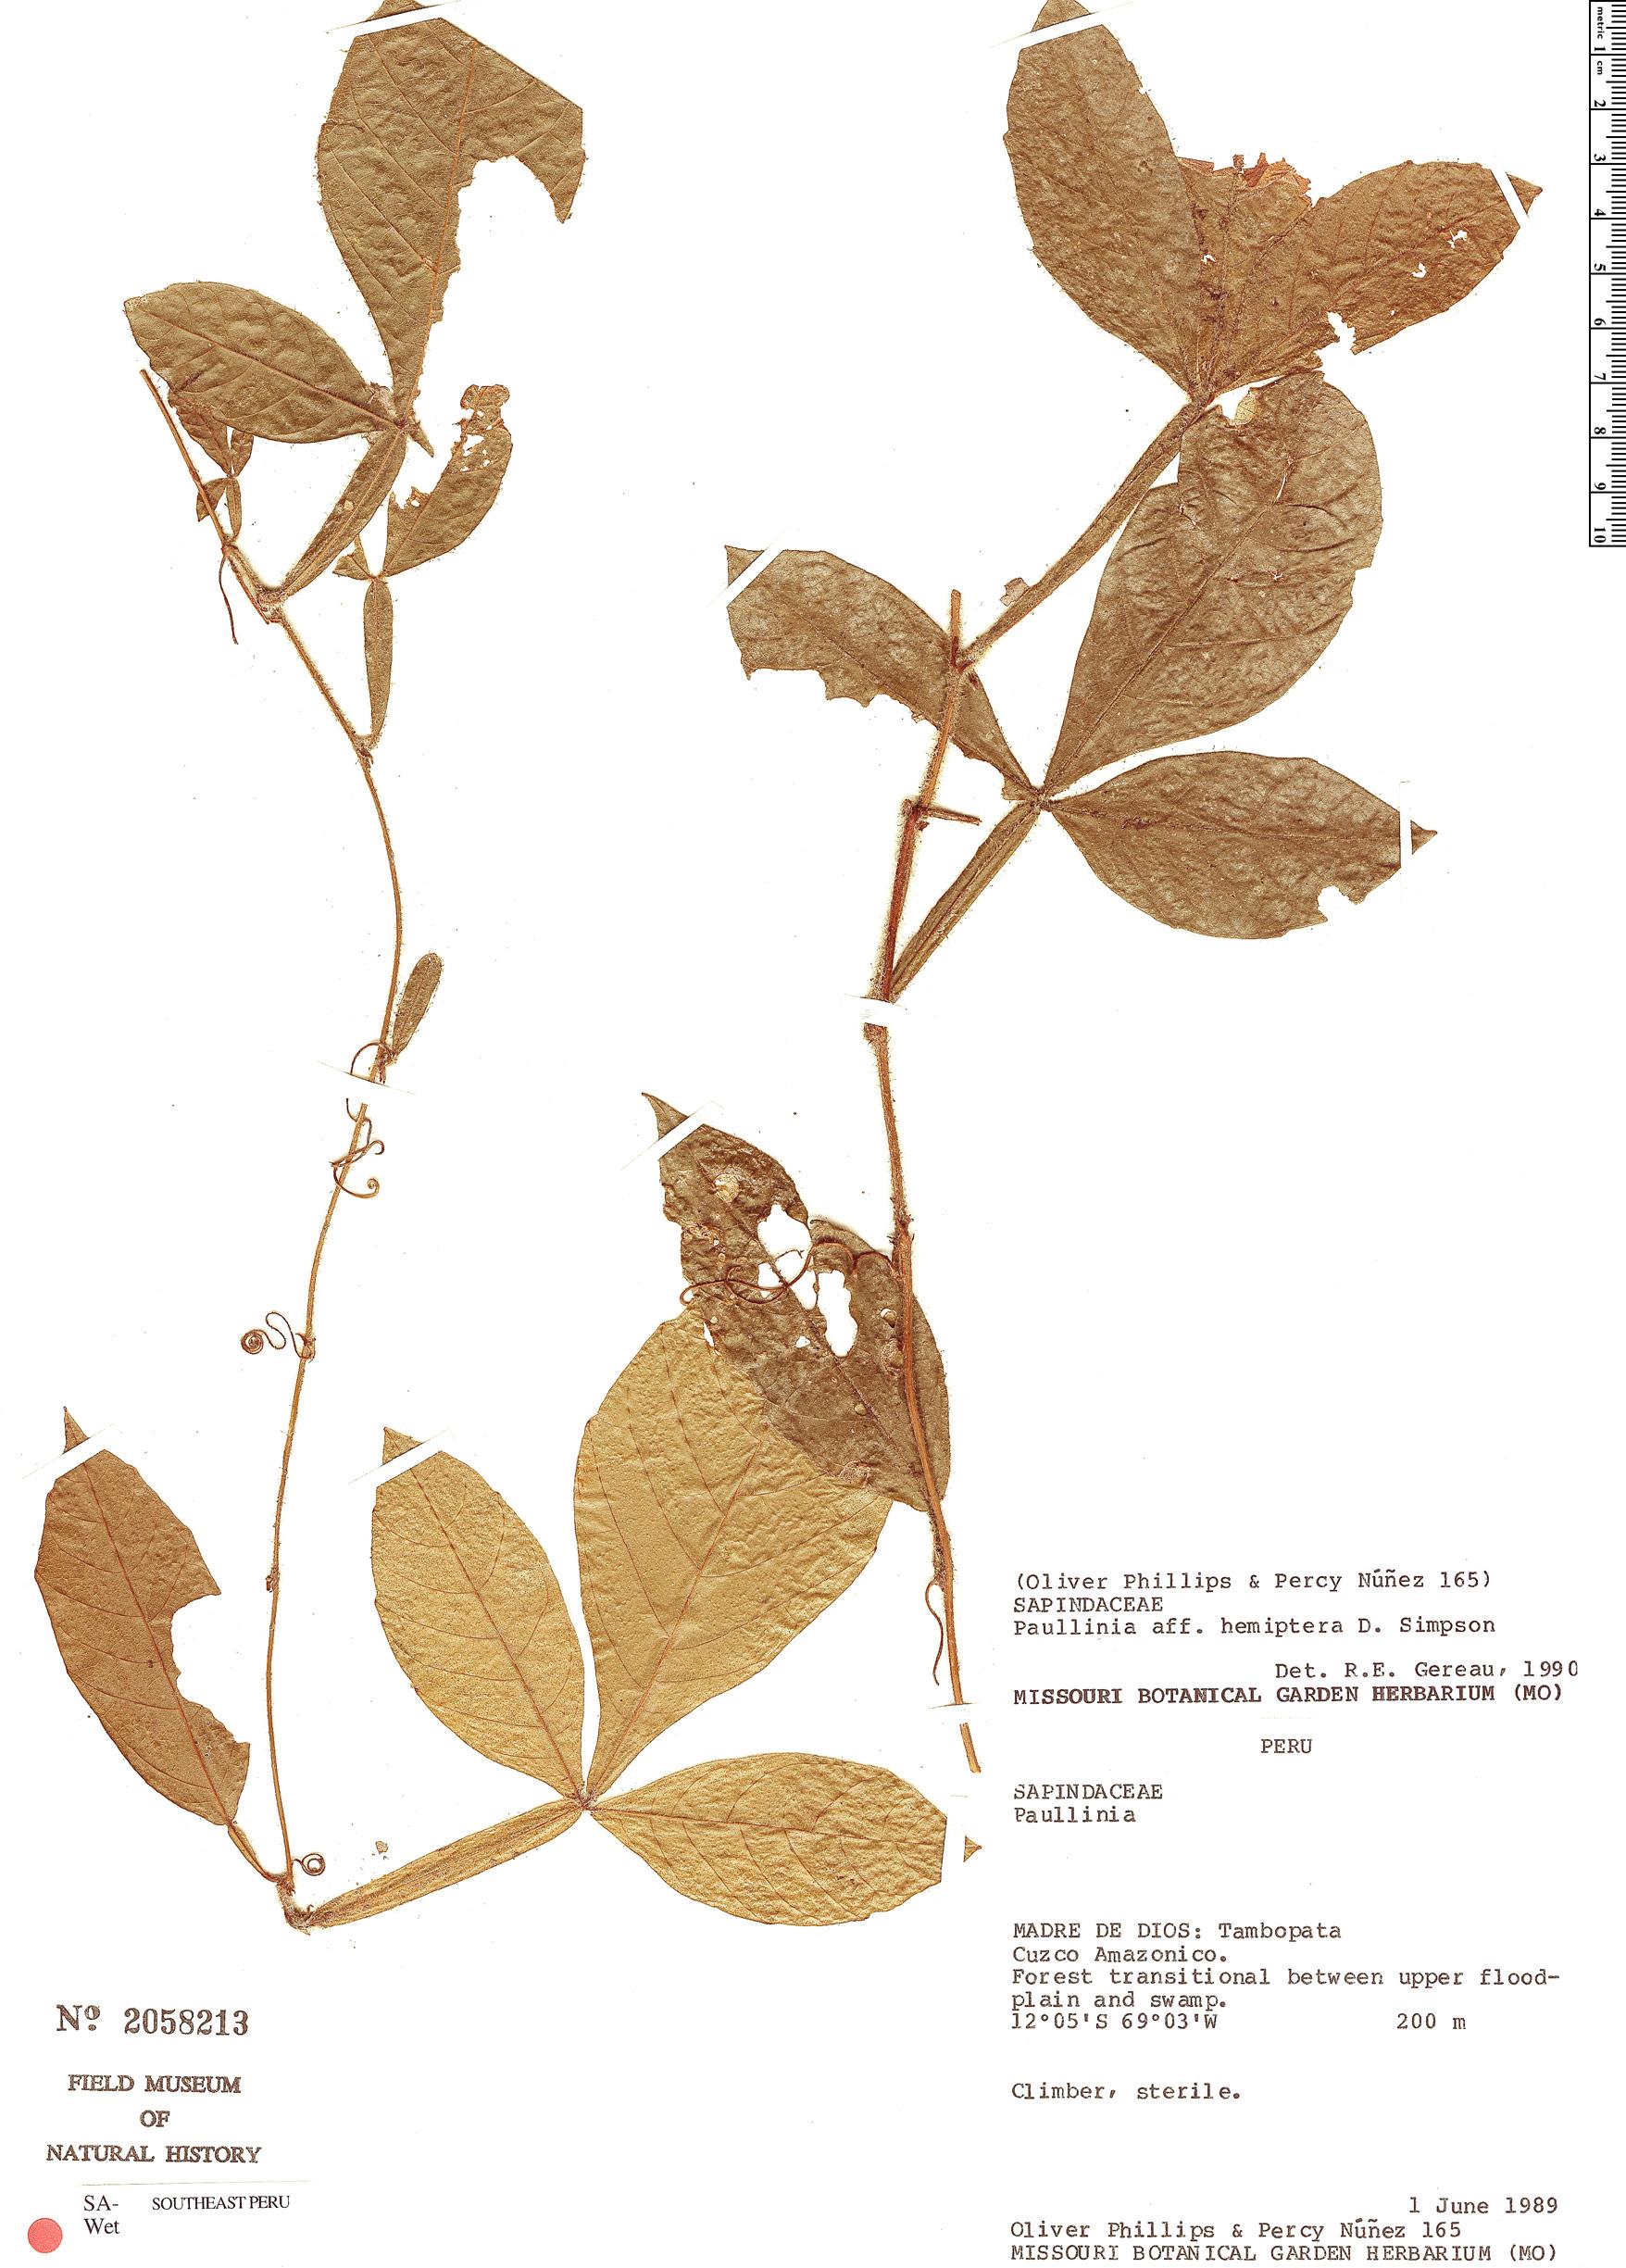 Espécimen: Paullinia hemiptera